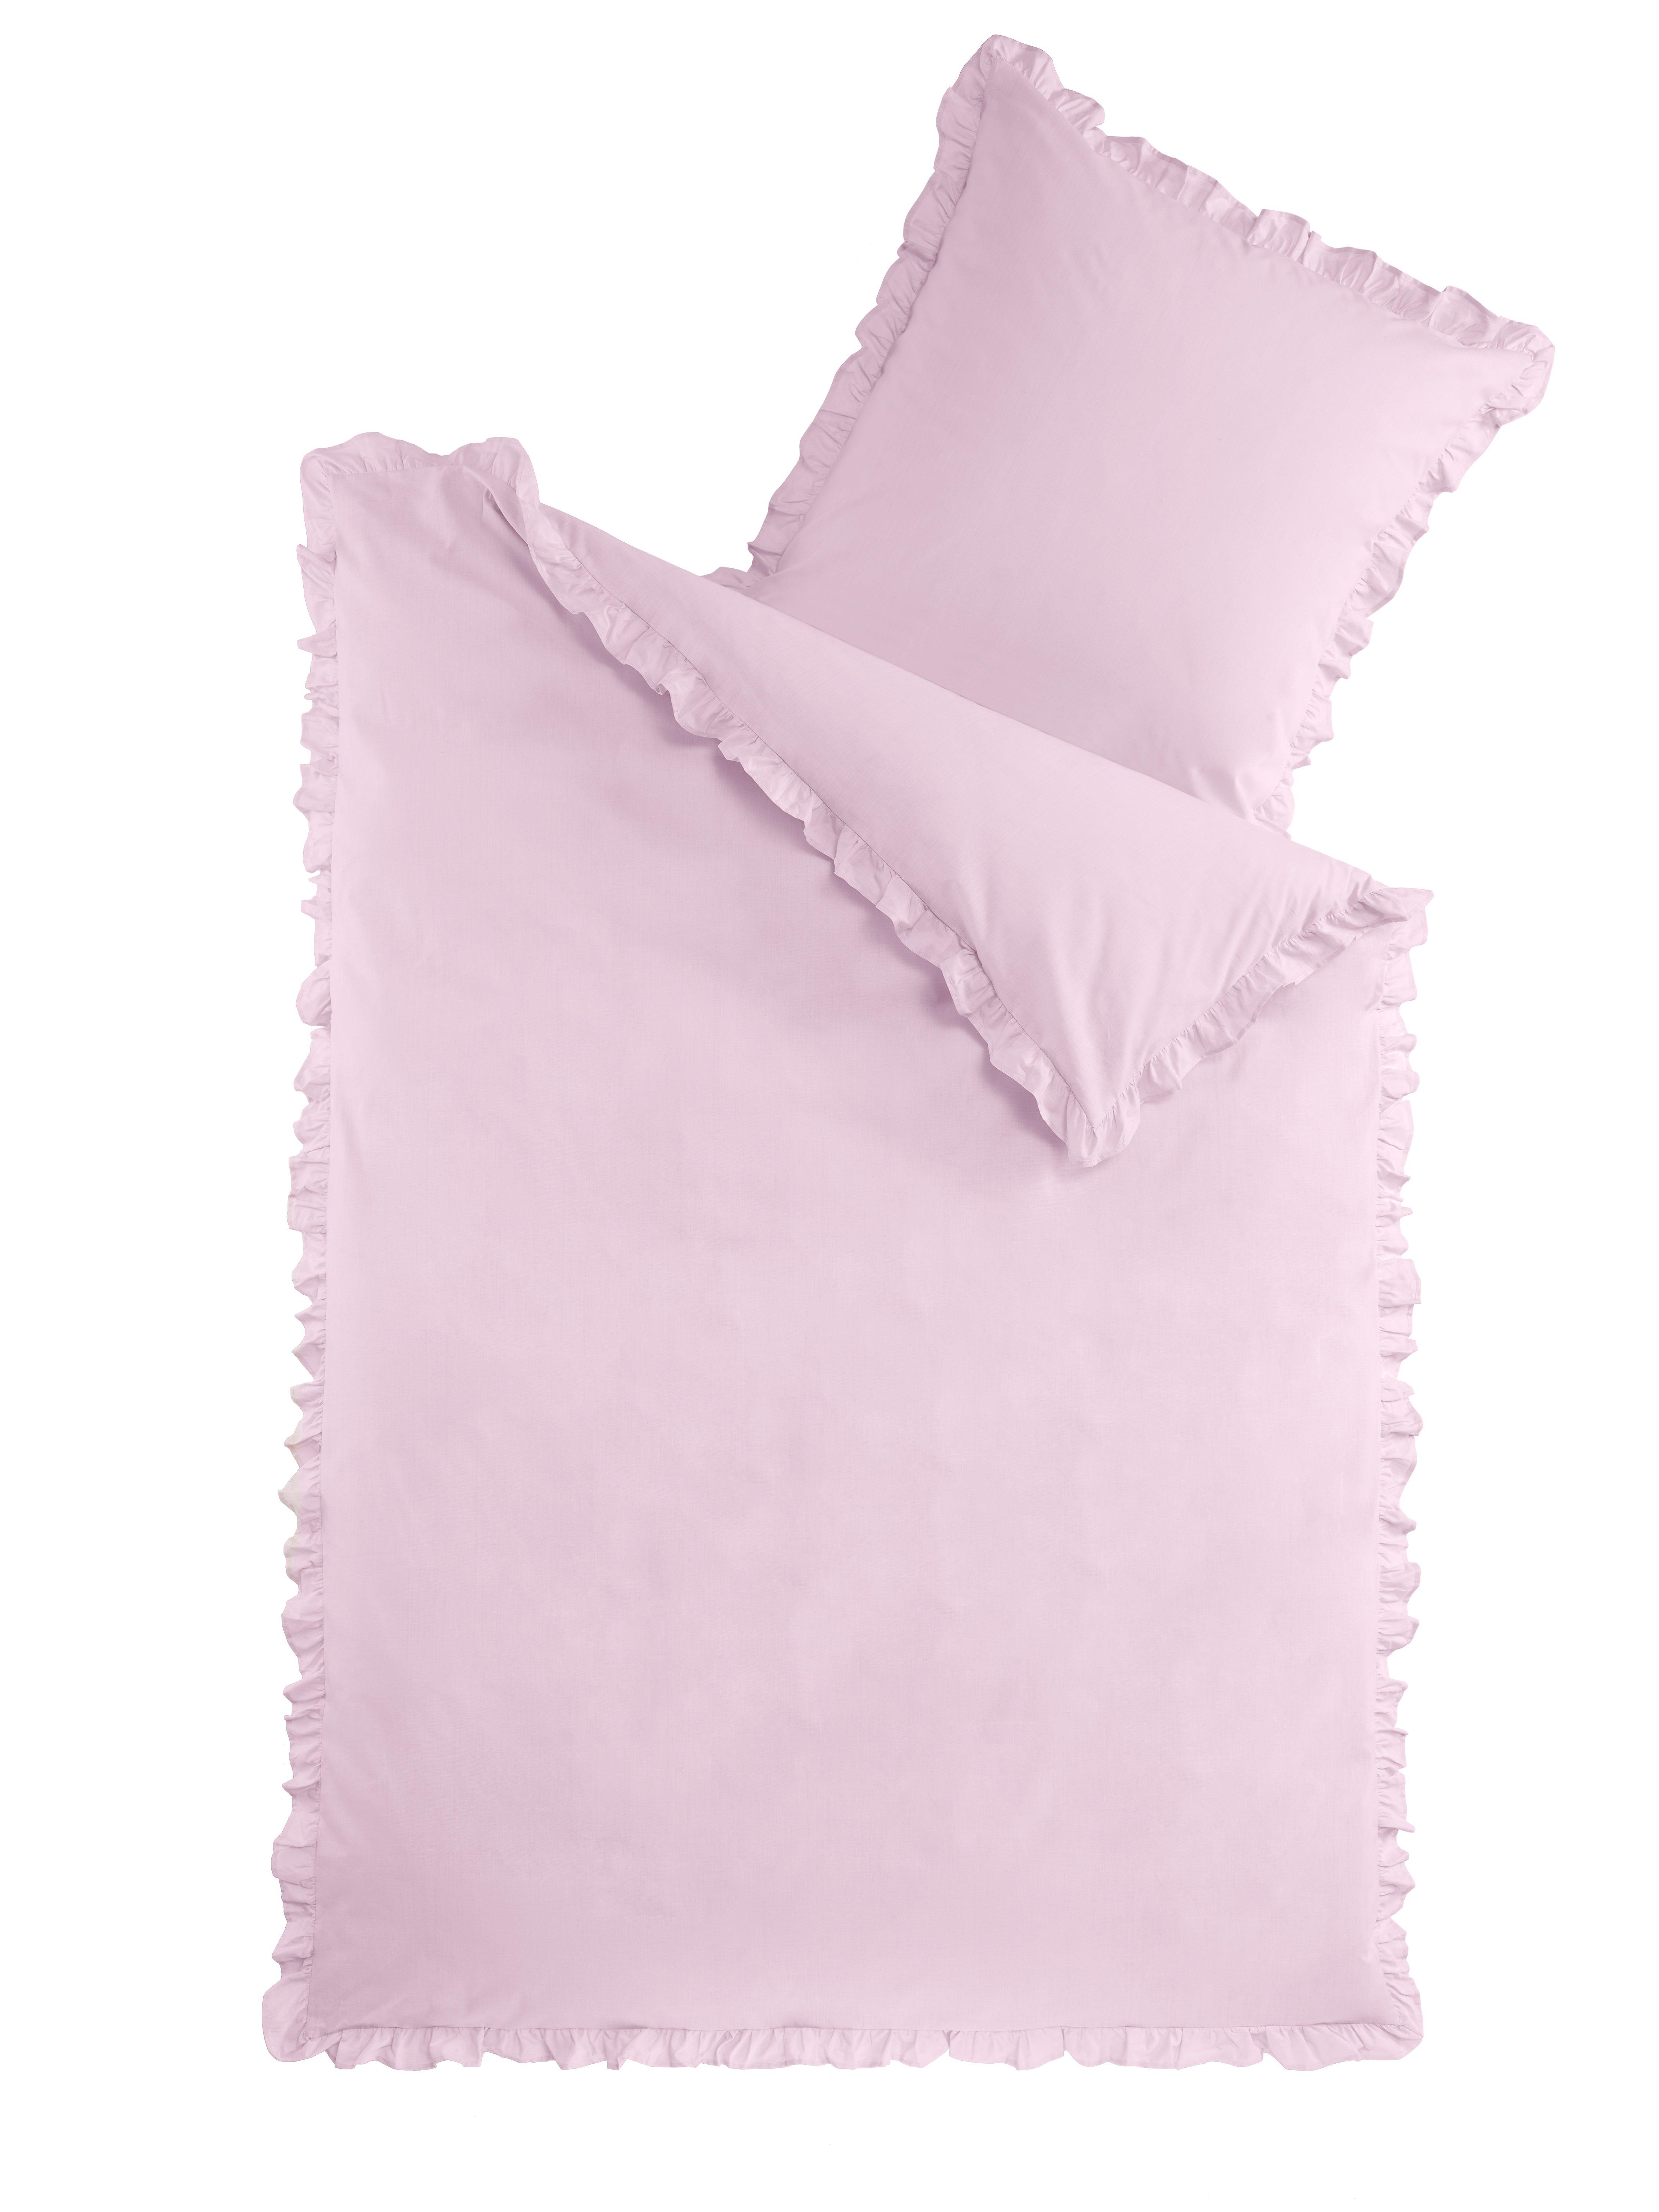 Bettwäsche Romantik mit Rüschen - Rose - 135x200cm